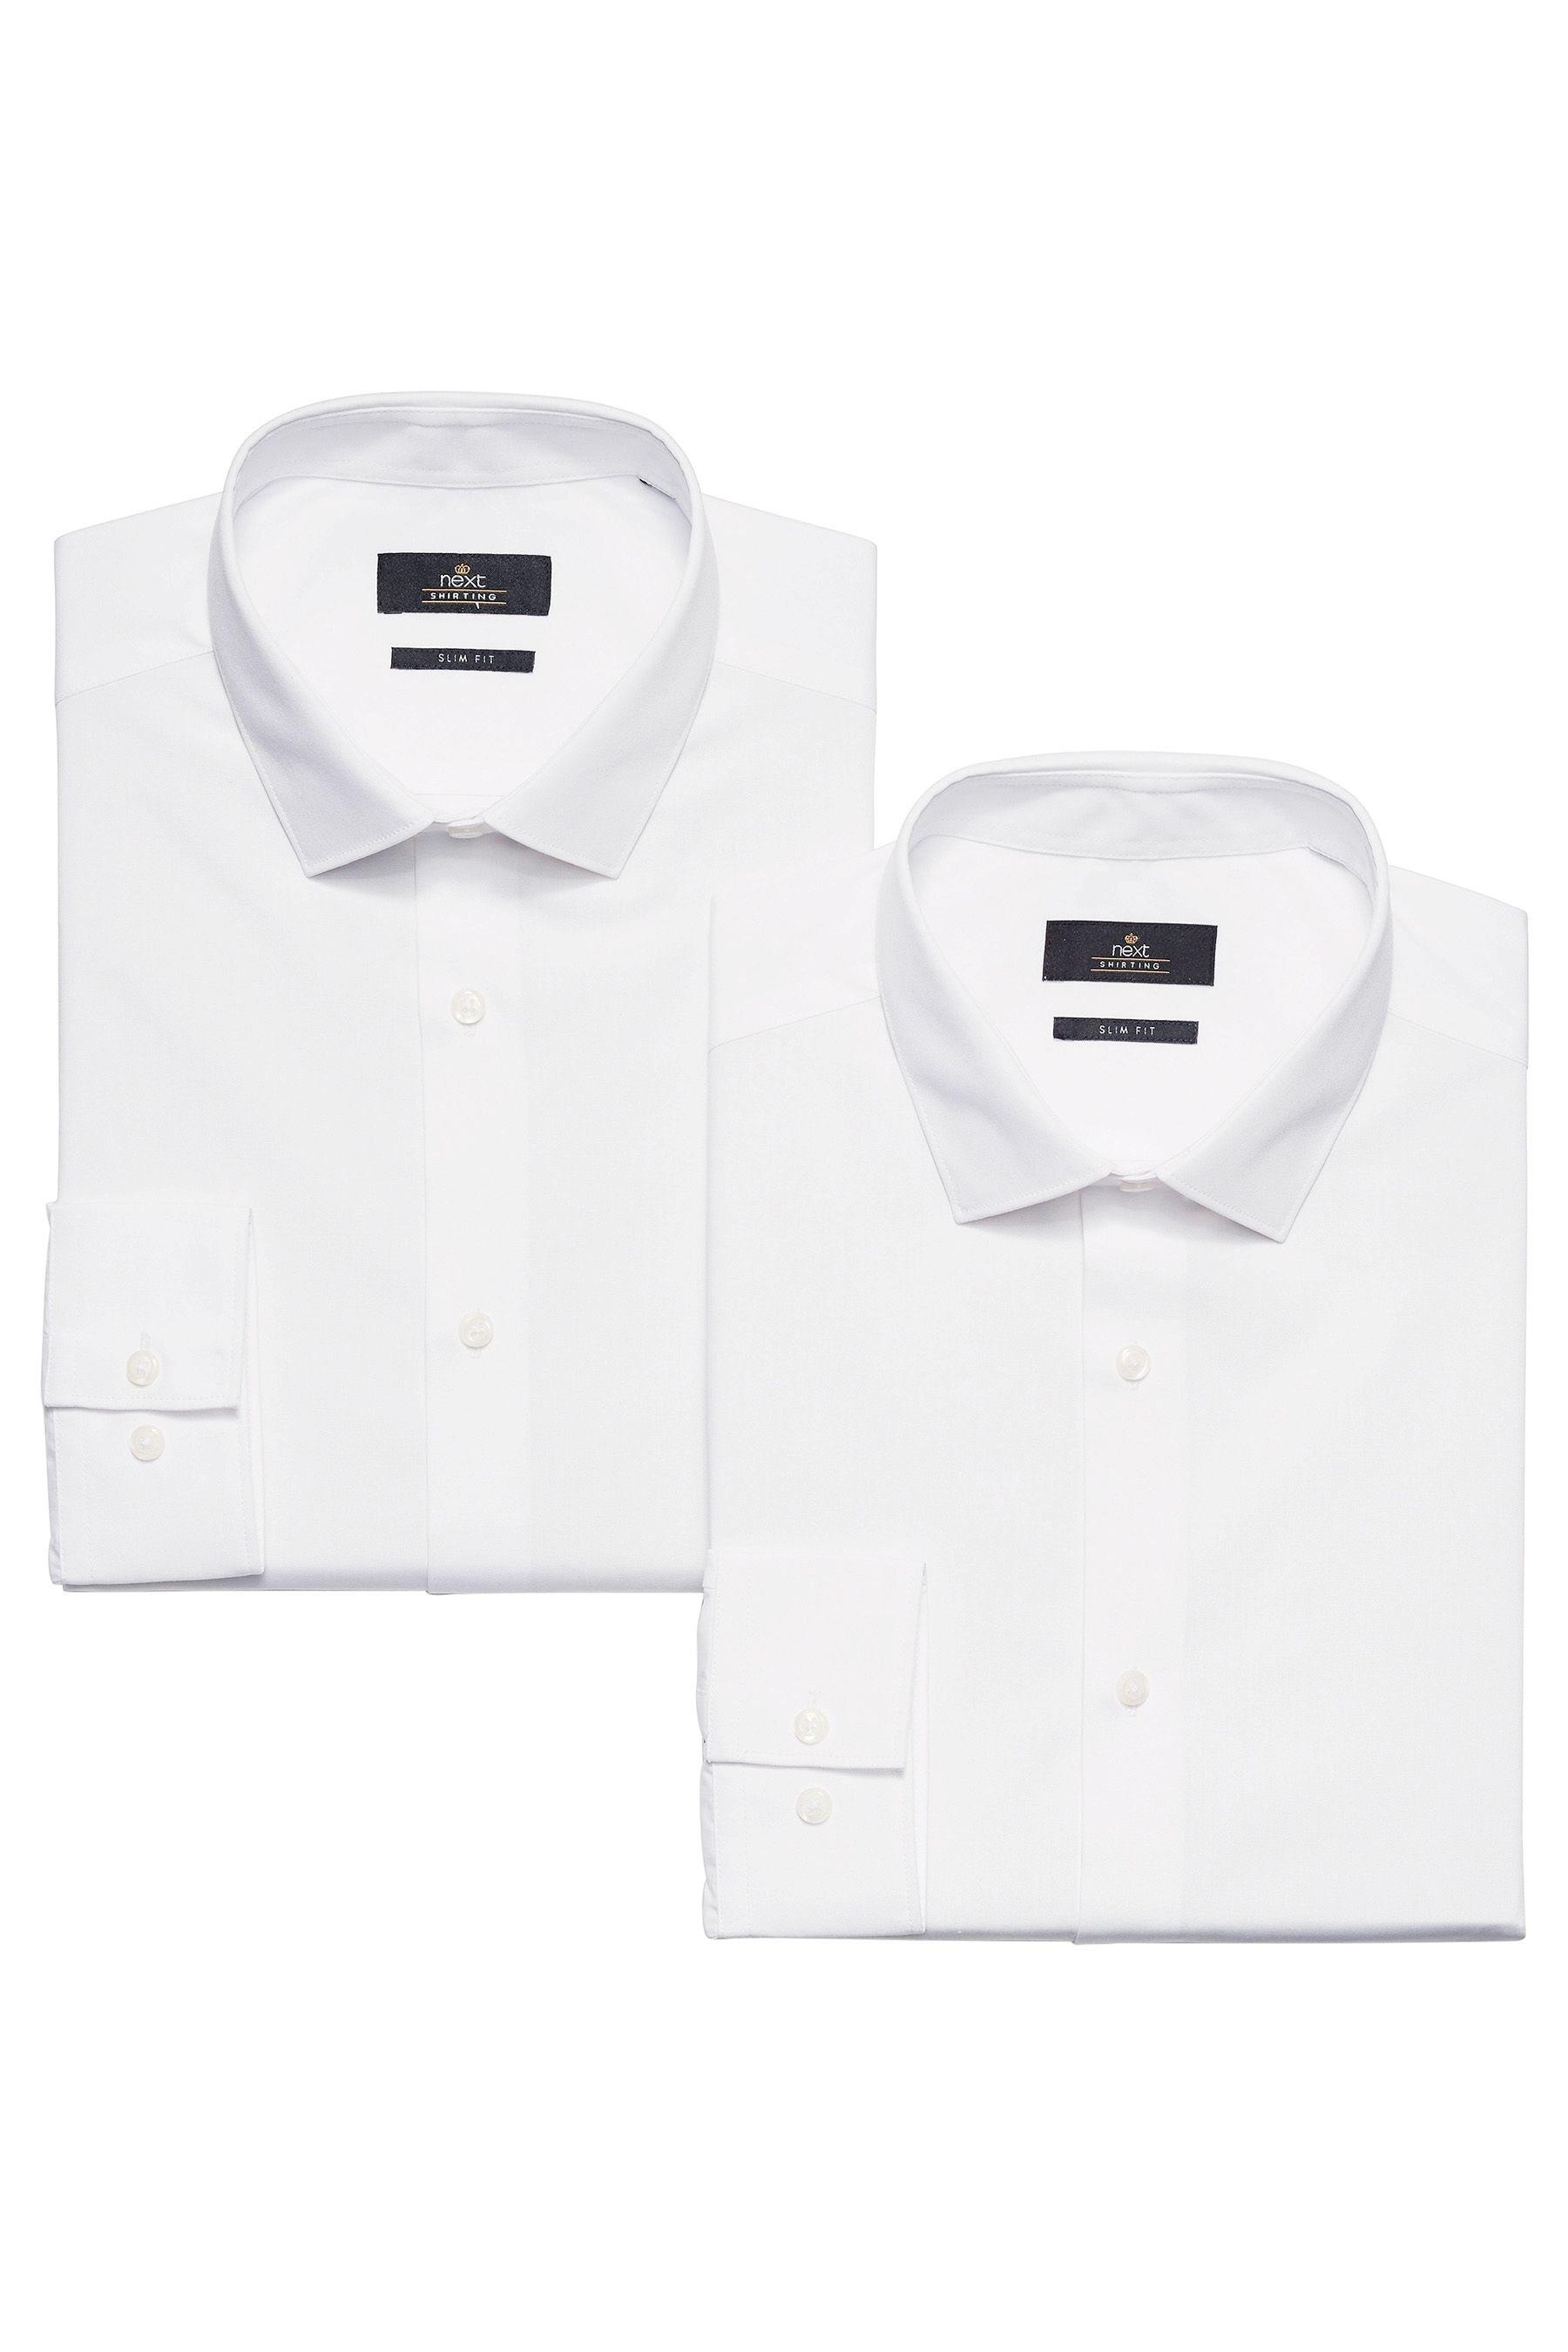 Next Einfarbige Hemden, 2er-Pack 2 teilig